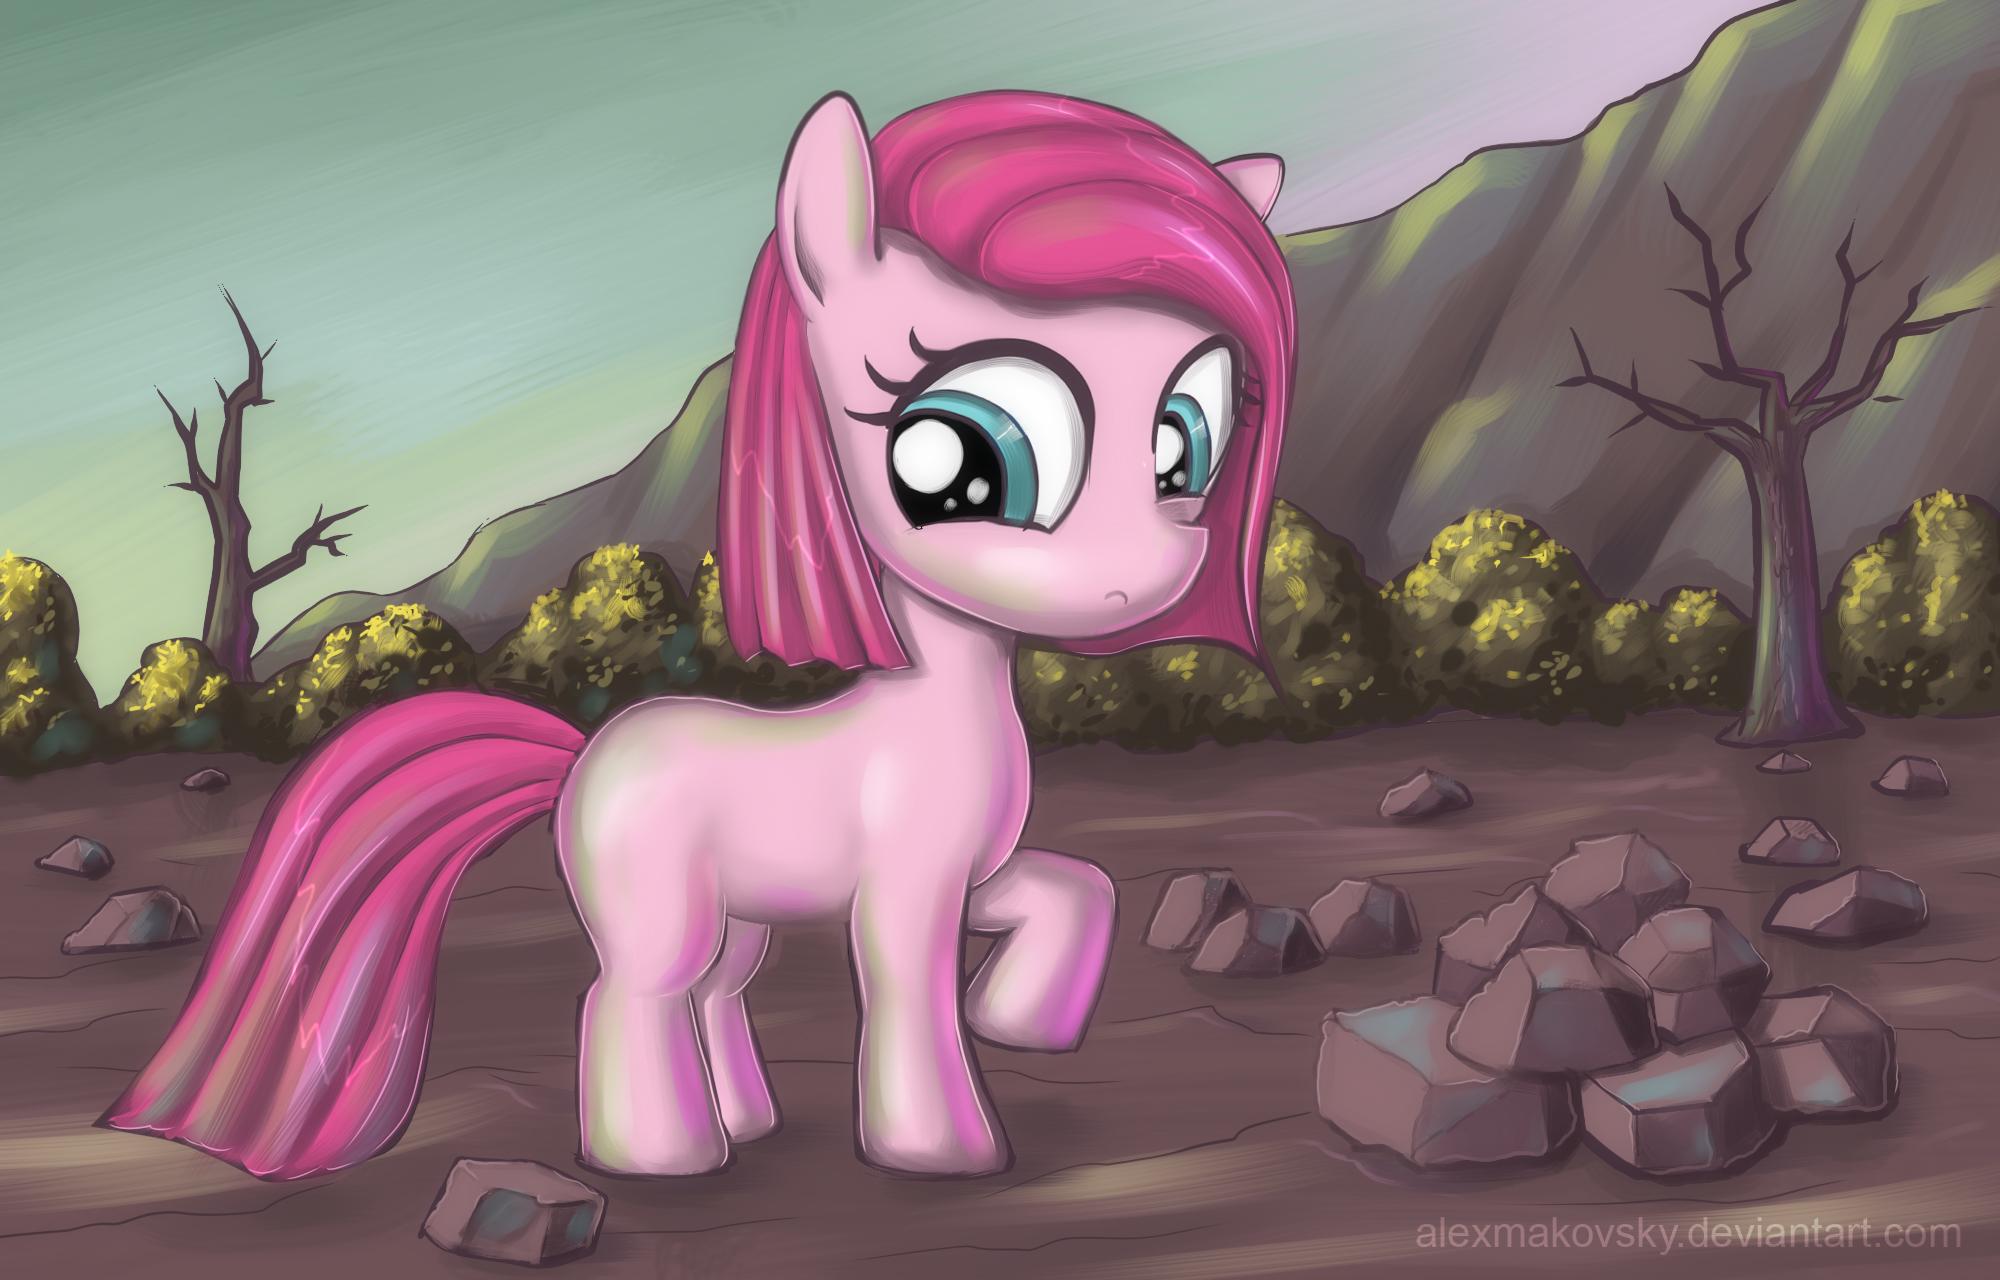 Young Pinkie Pie by alexmakovsky